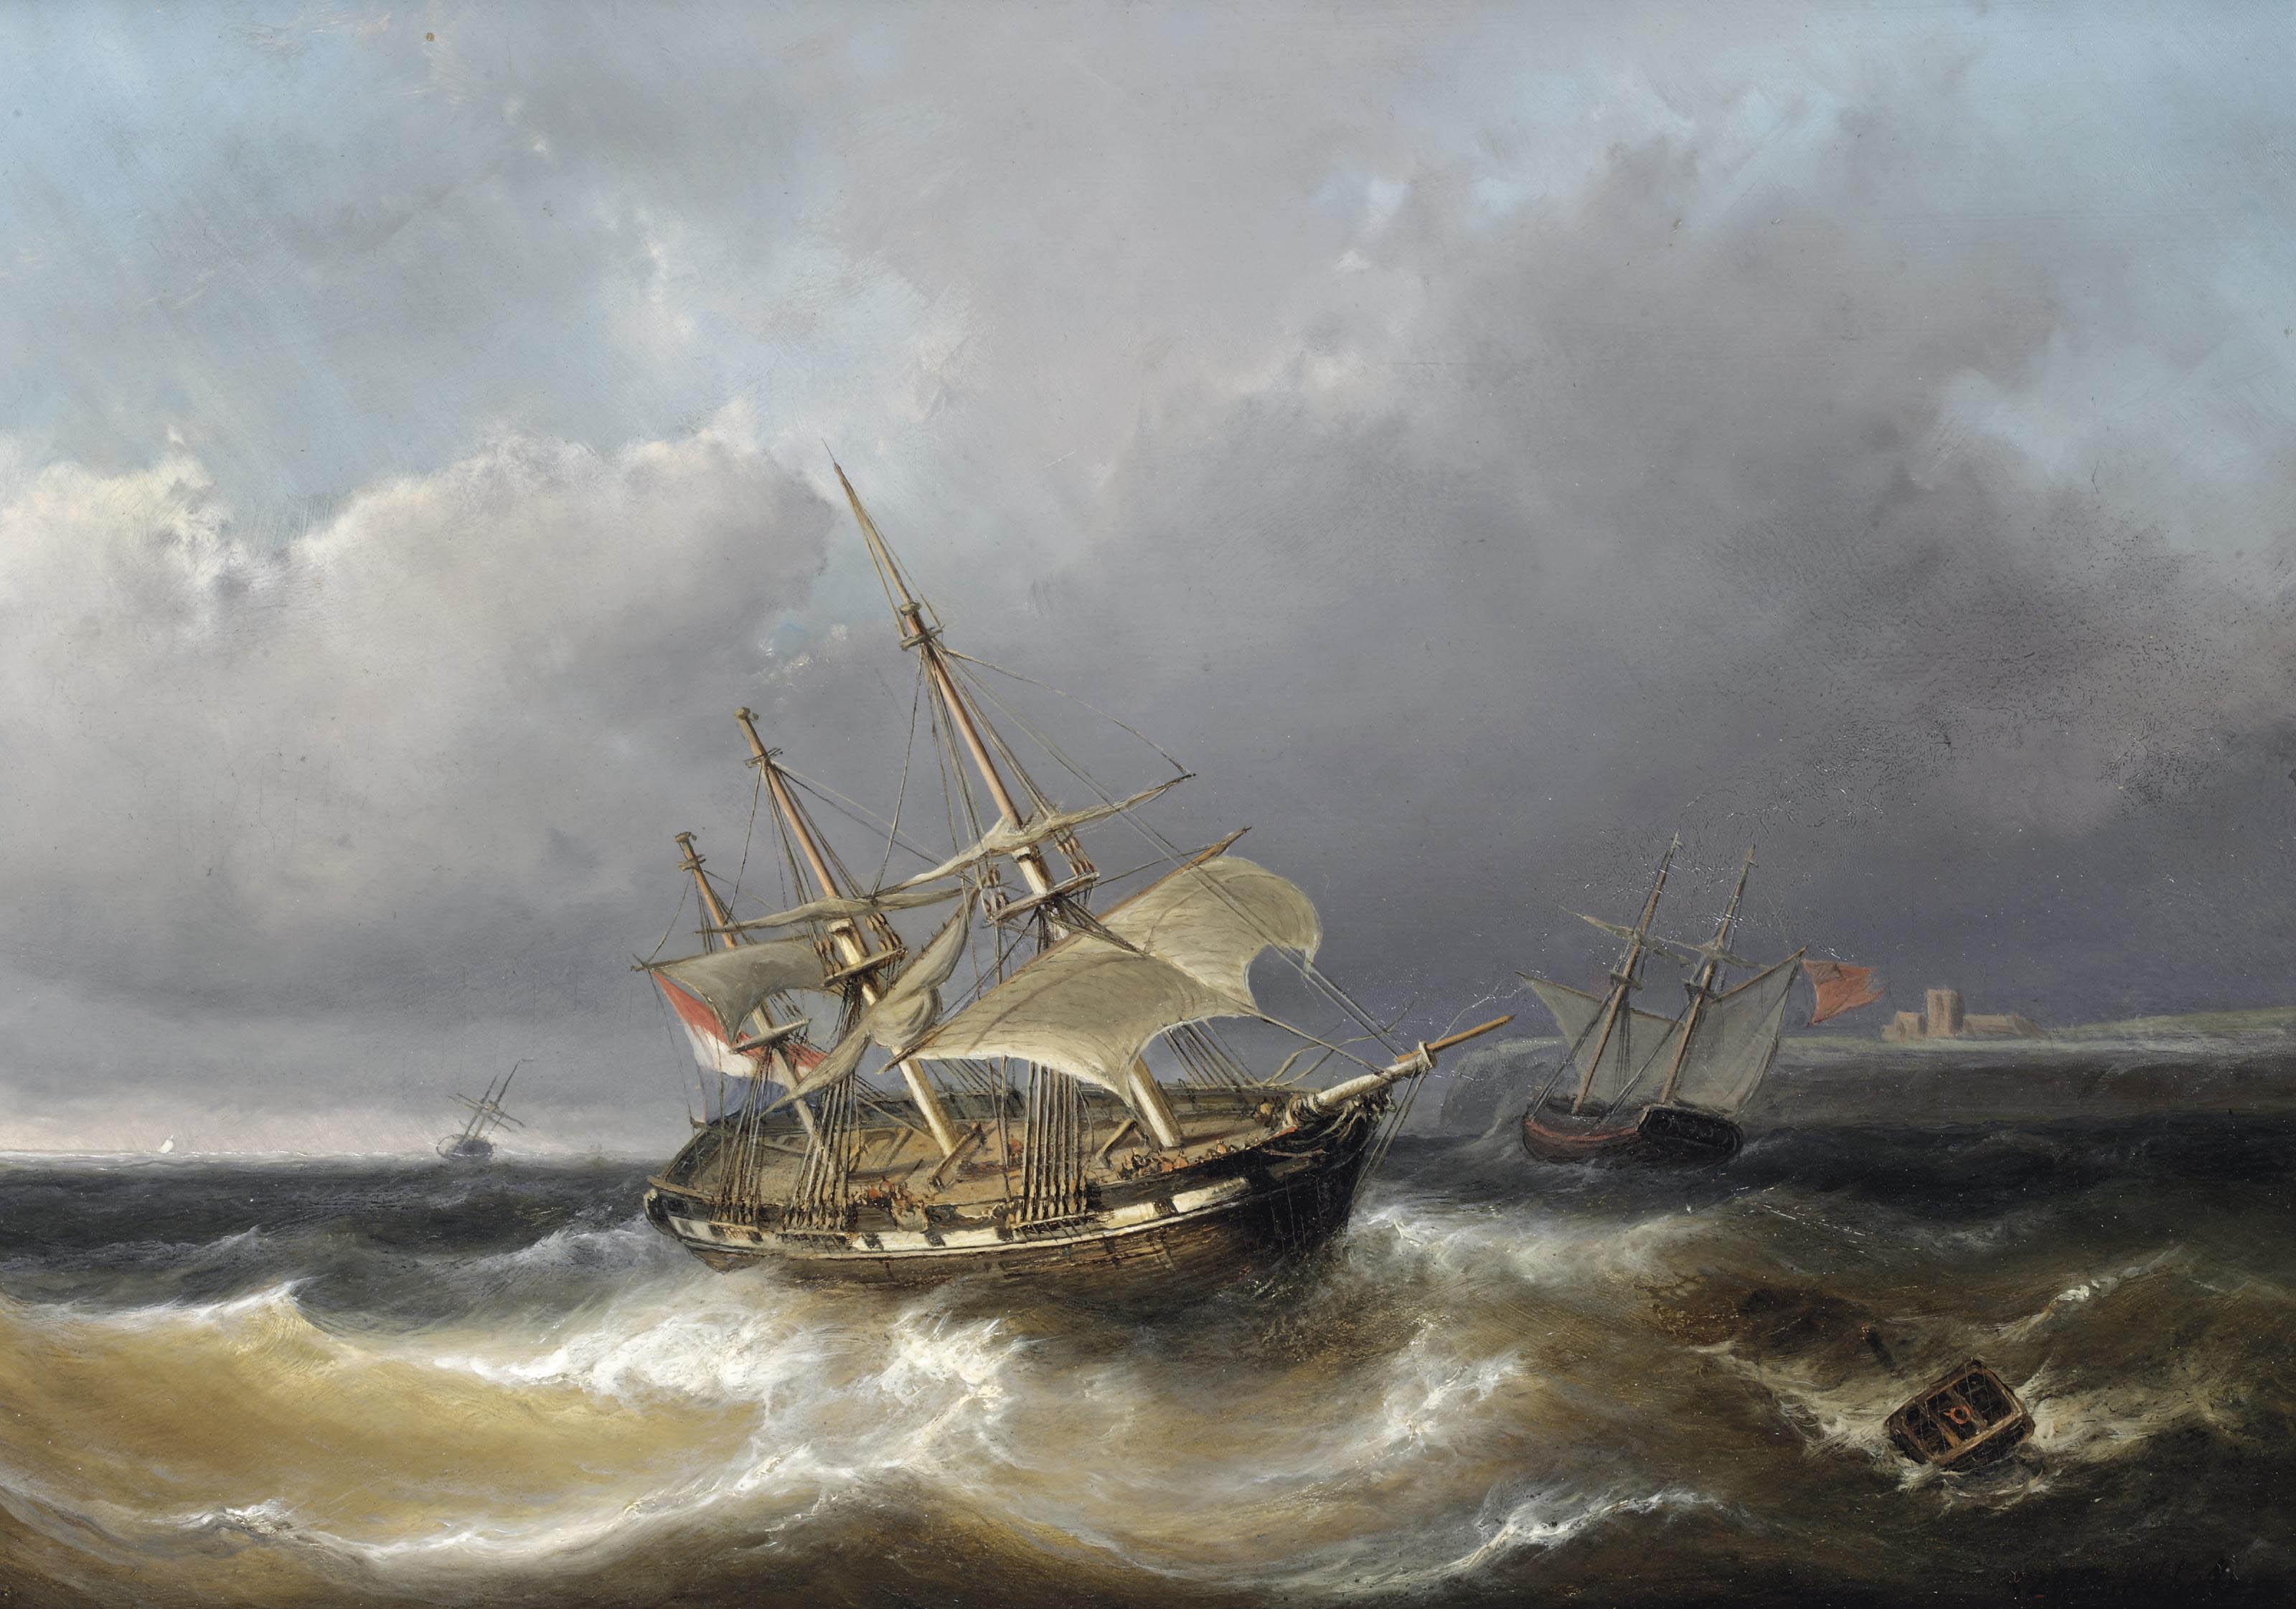 Caught in rough seas